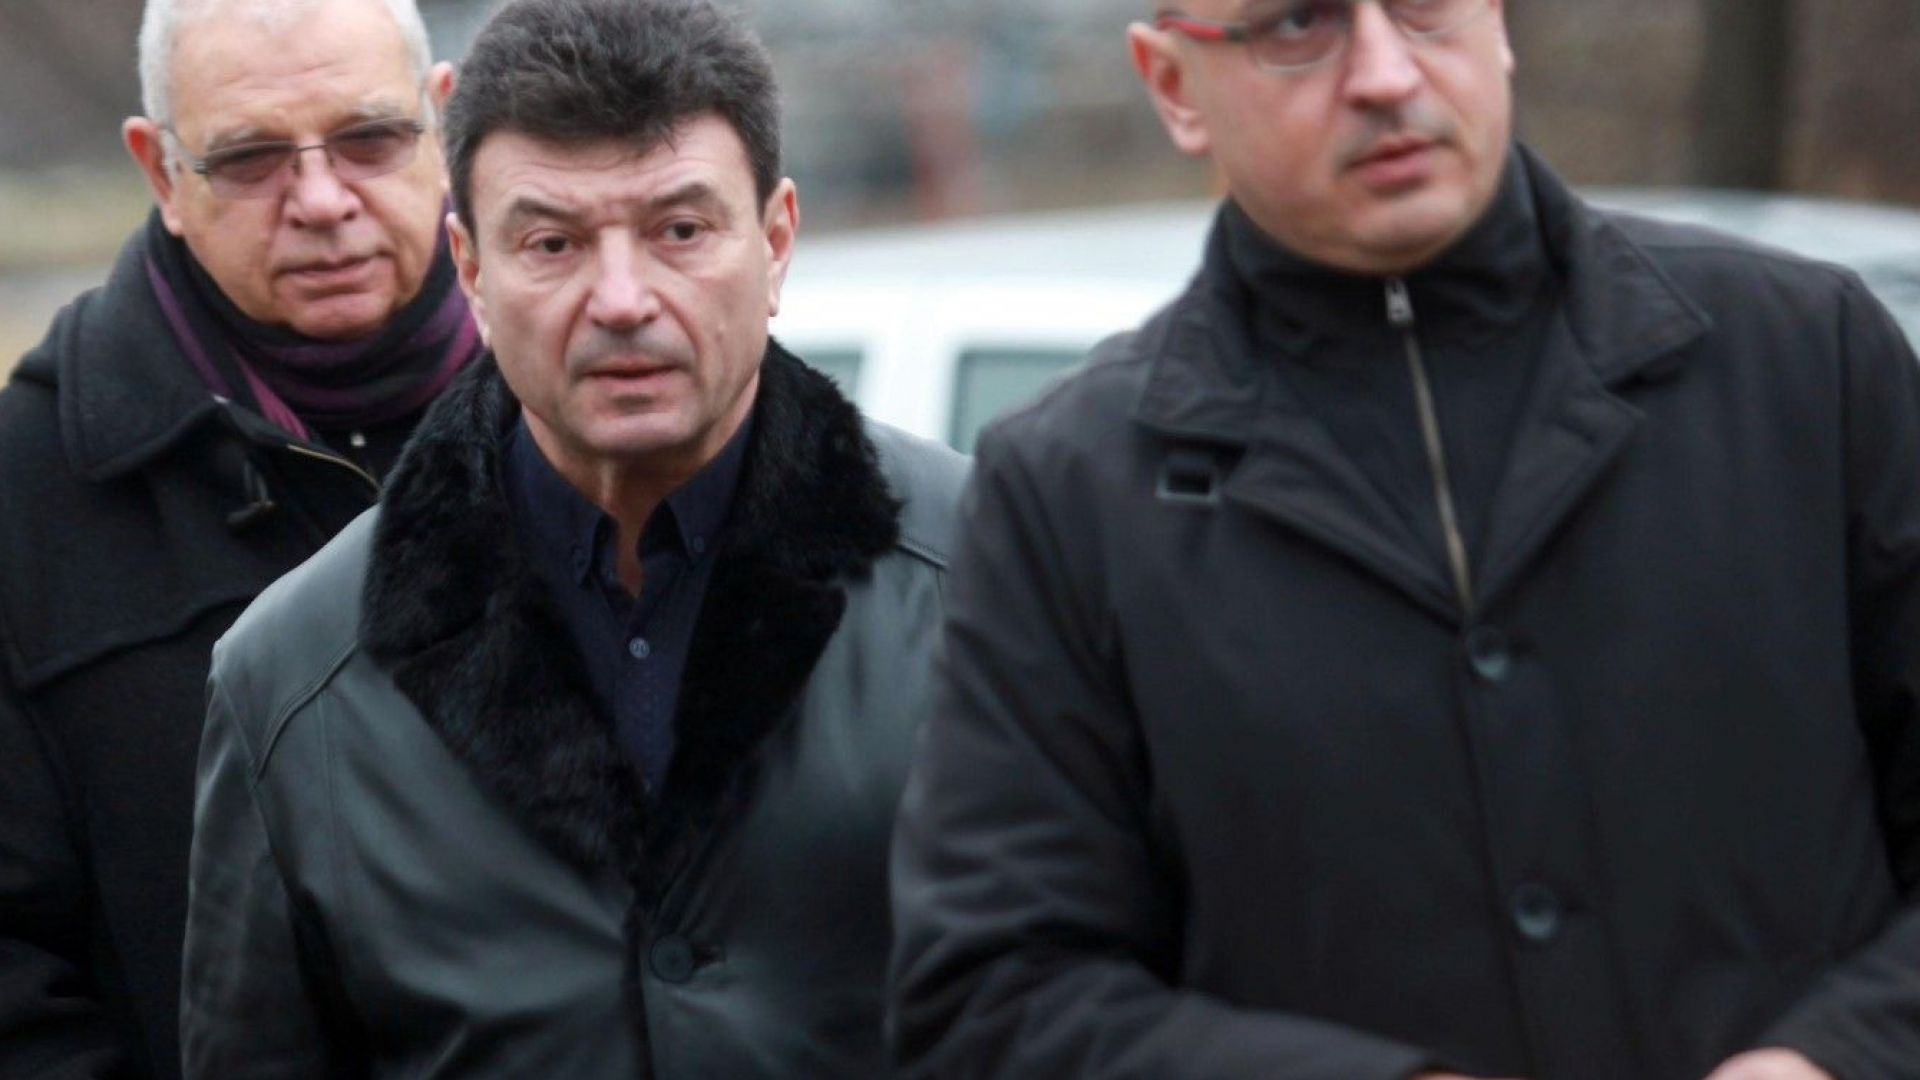 Снимка: Бившият депутат от ГЕРБ Живко Мартинов беше разпитван с часове по Суджукгейт